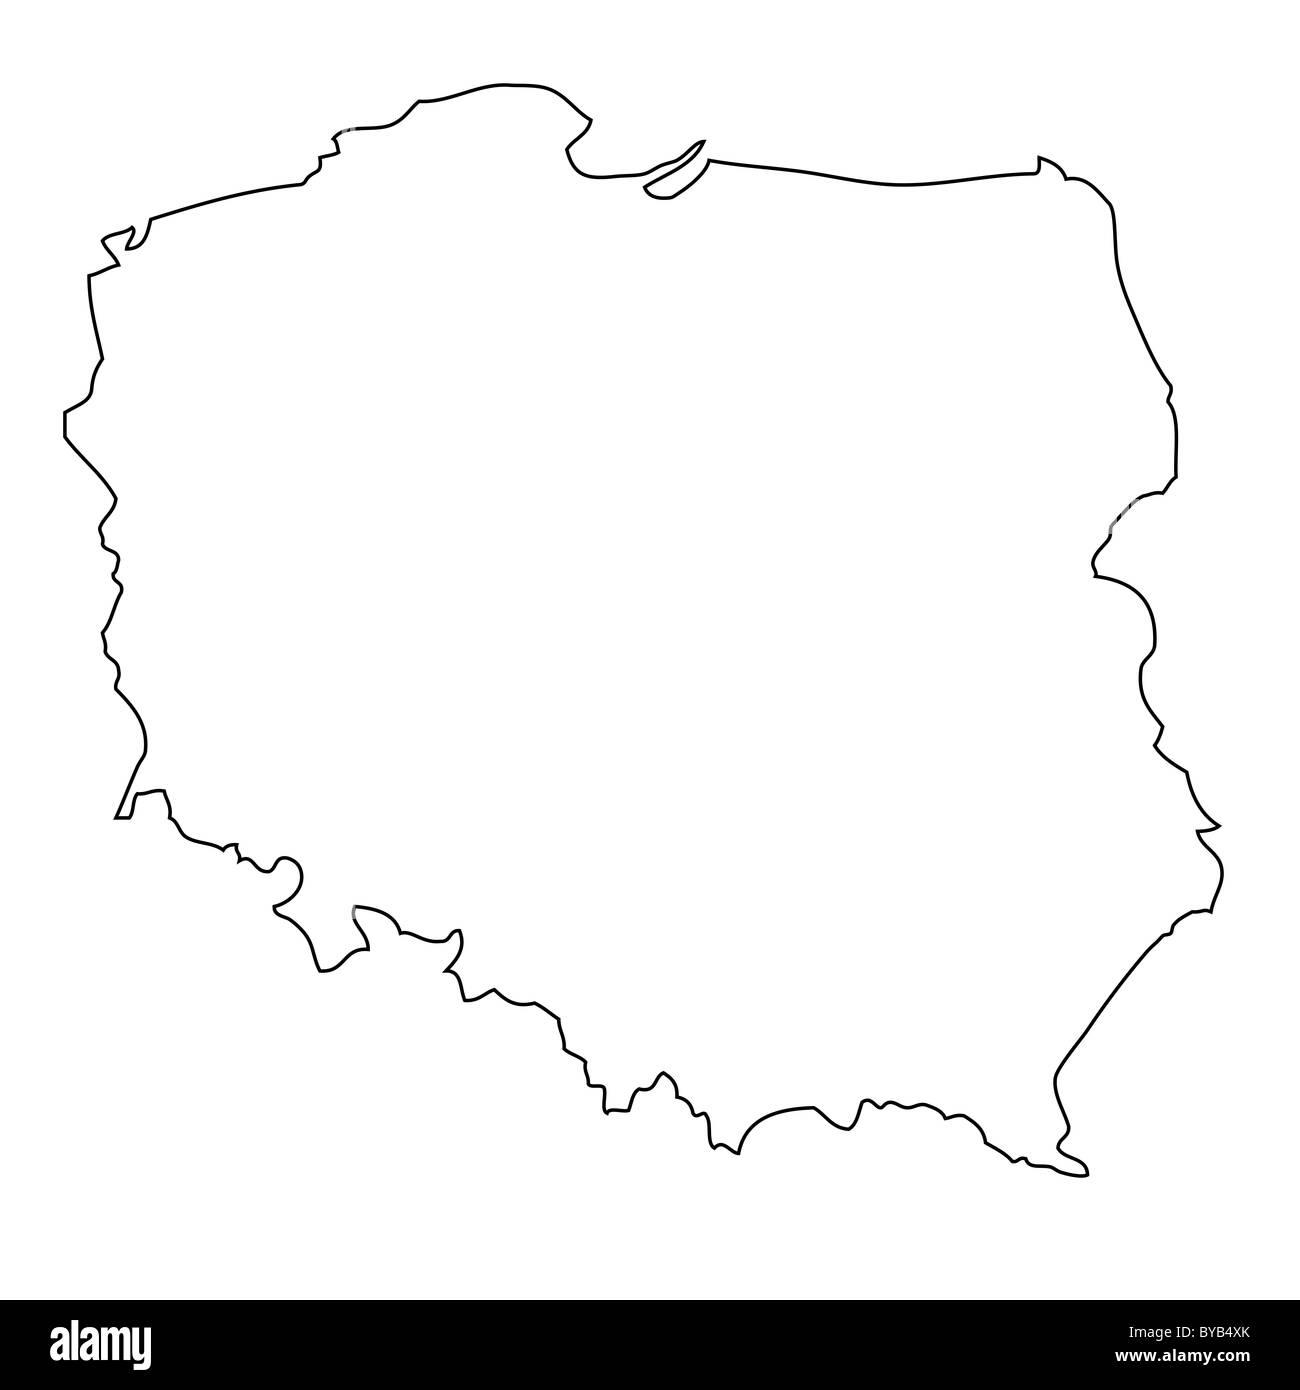 Polen Karte Umriss.Gliederung Karte Von Polen Stockfoto Bild 34051435 Alamy